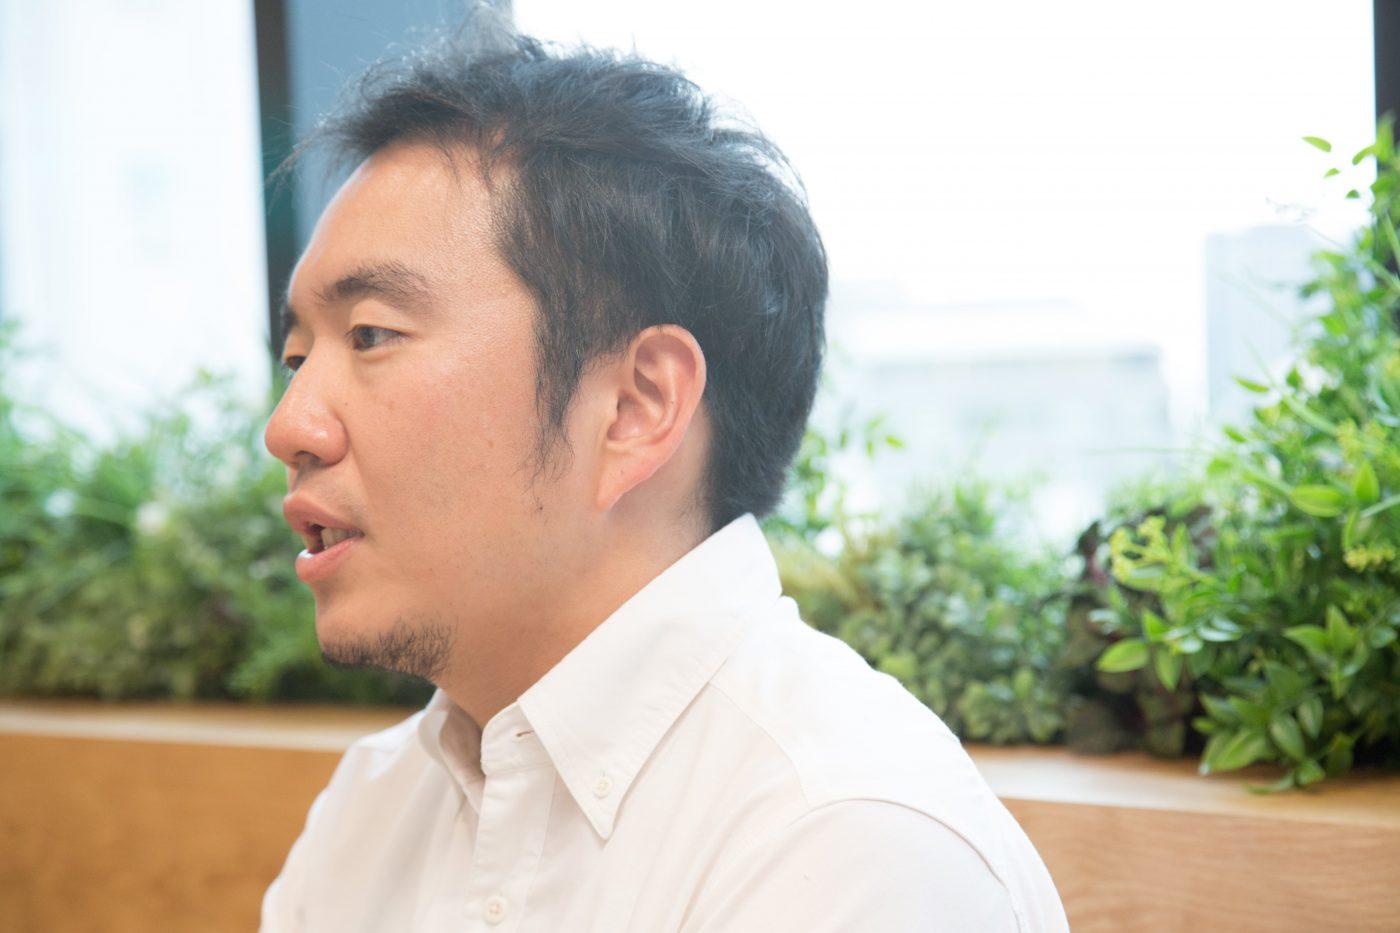 会社を辞めた後、友達の会社を手伝いながら約半年後に起業した宮田氏。起業した理由は、自分たちでWebサービスを作りたいという軽いノリだったという。